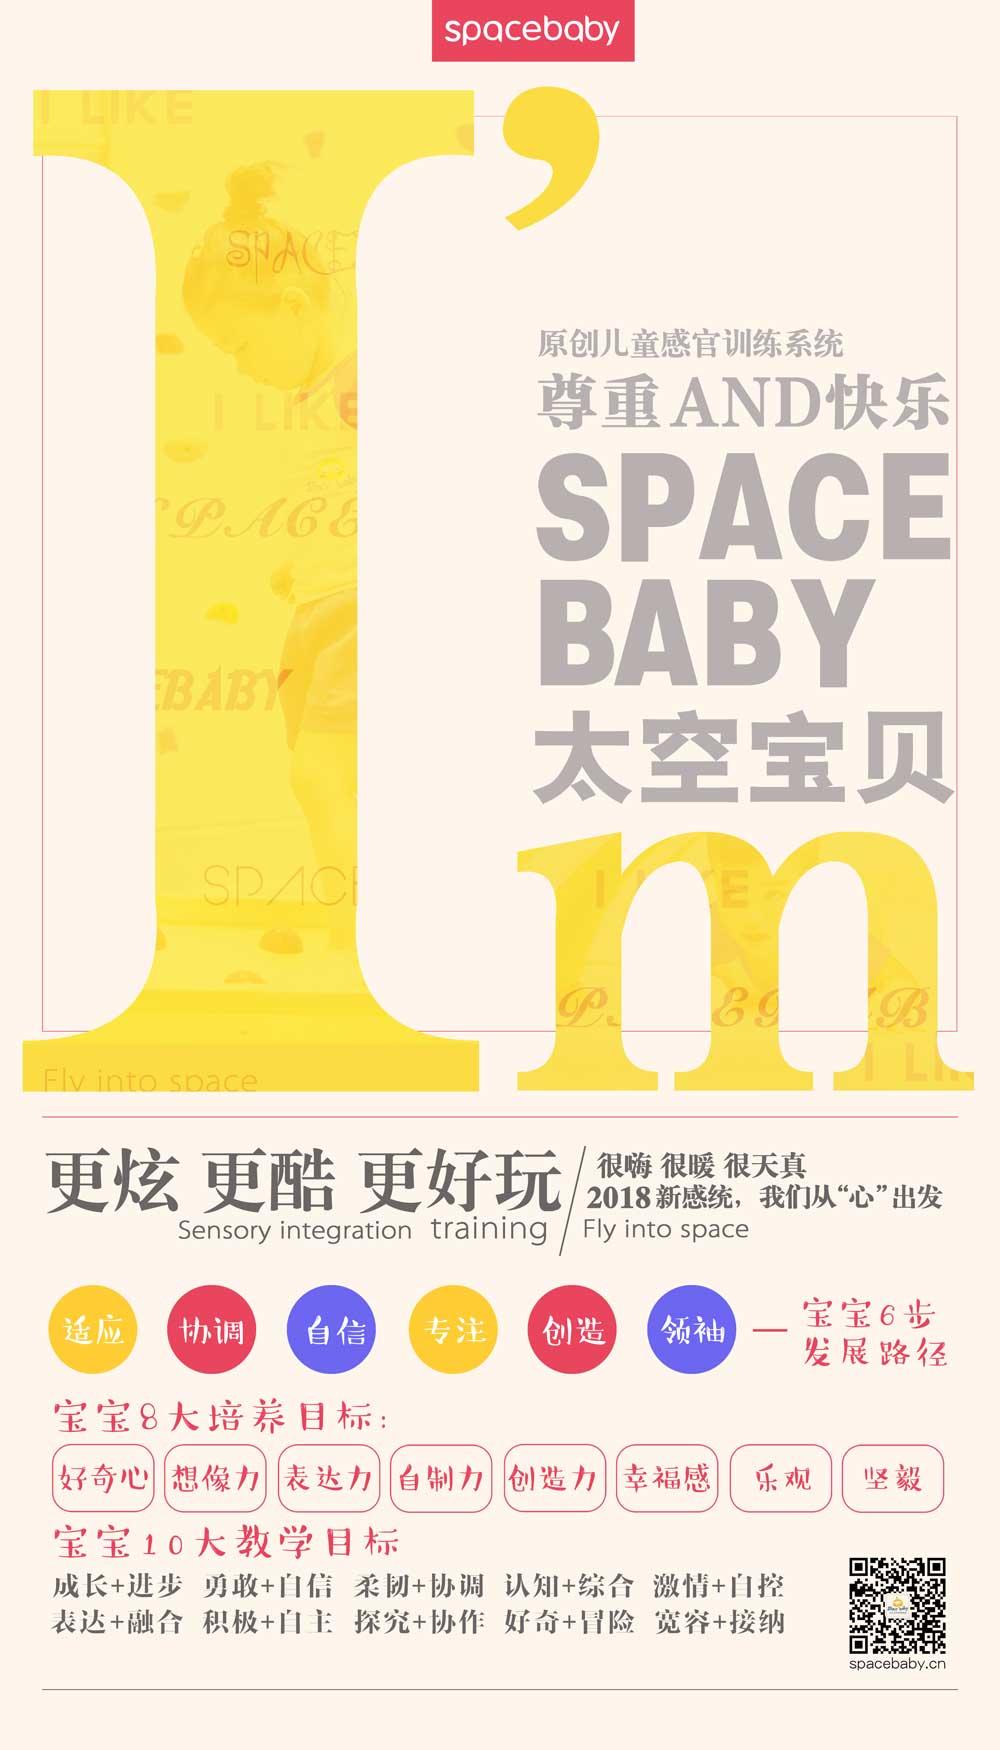 太空宝贝原创宣传品海报6